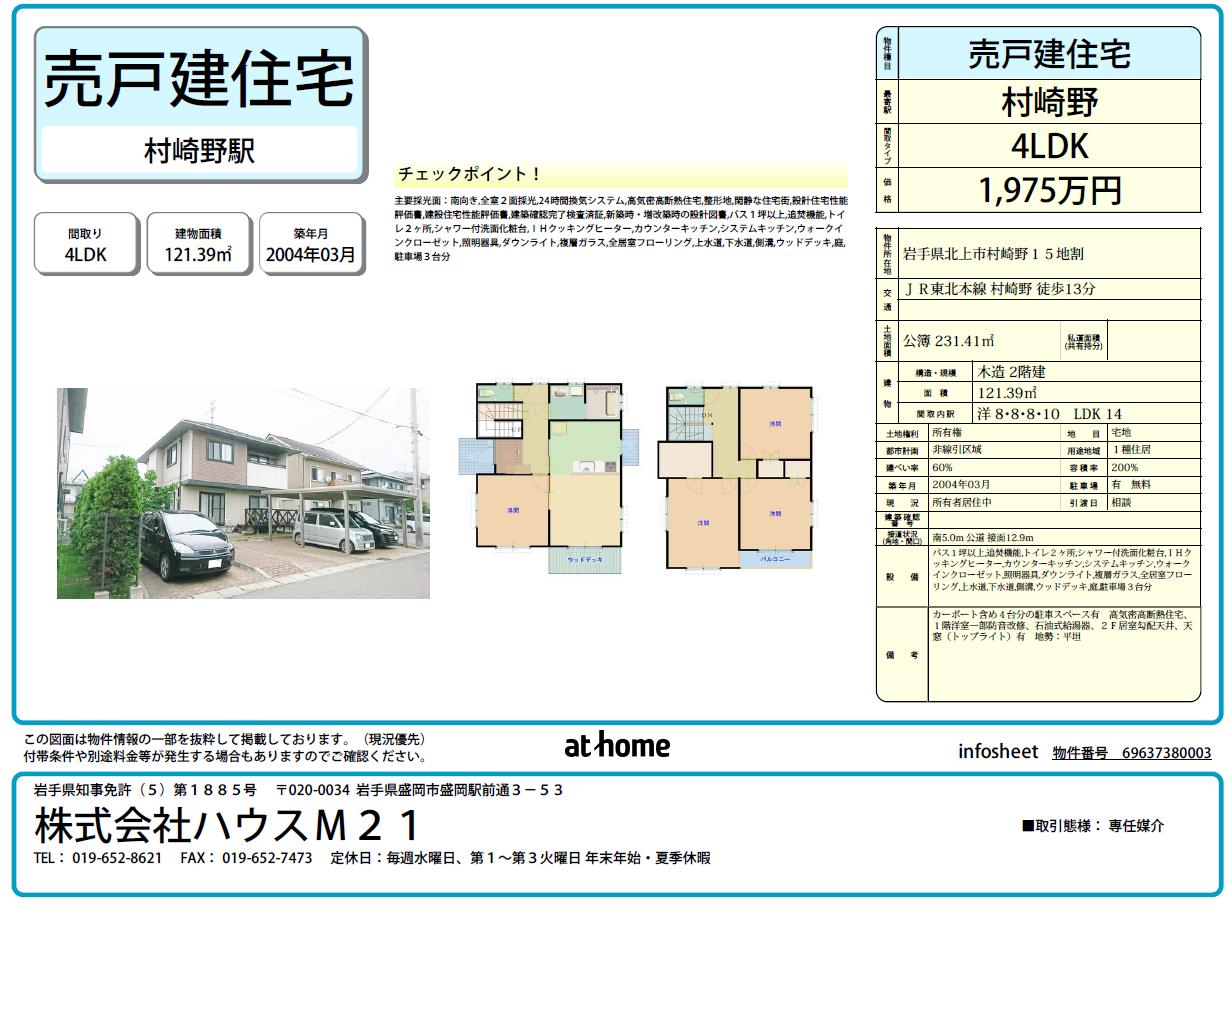 北上市 中古住宅 4LDK 1,975万円